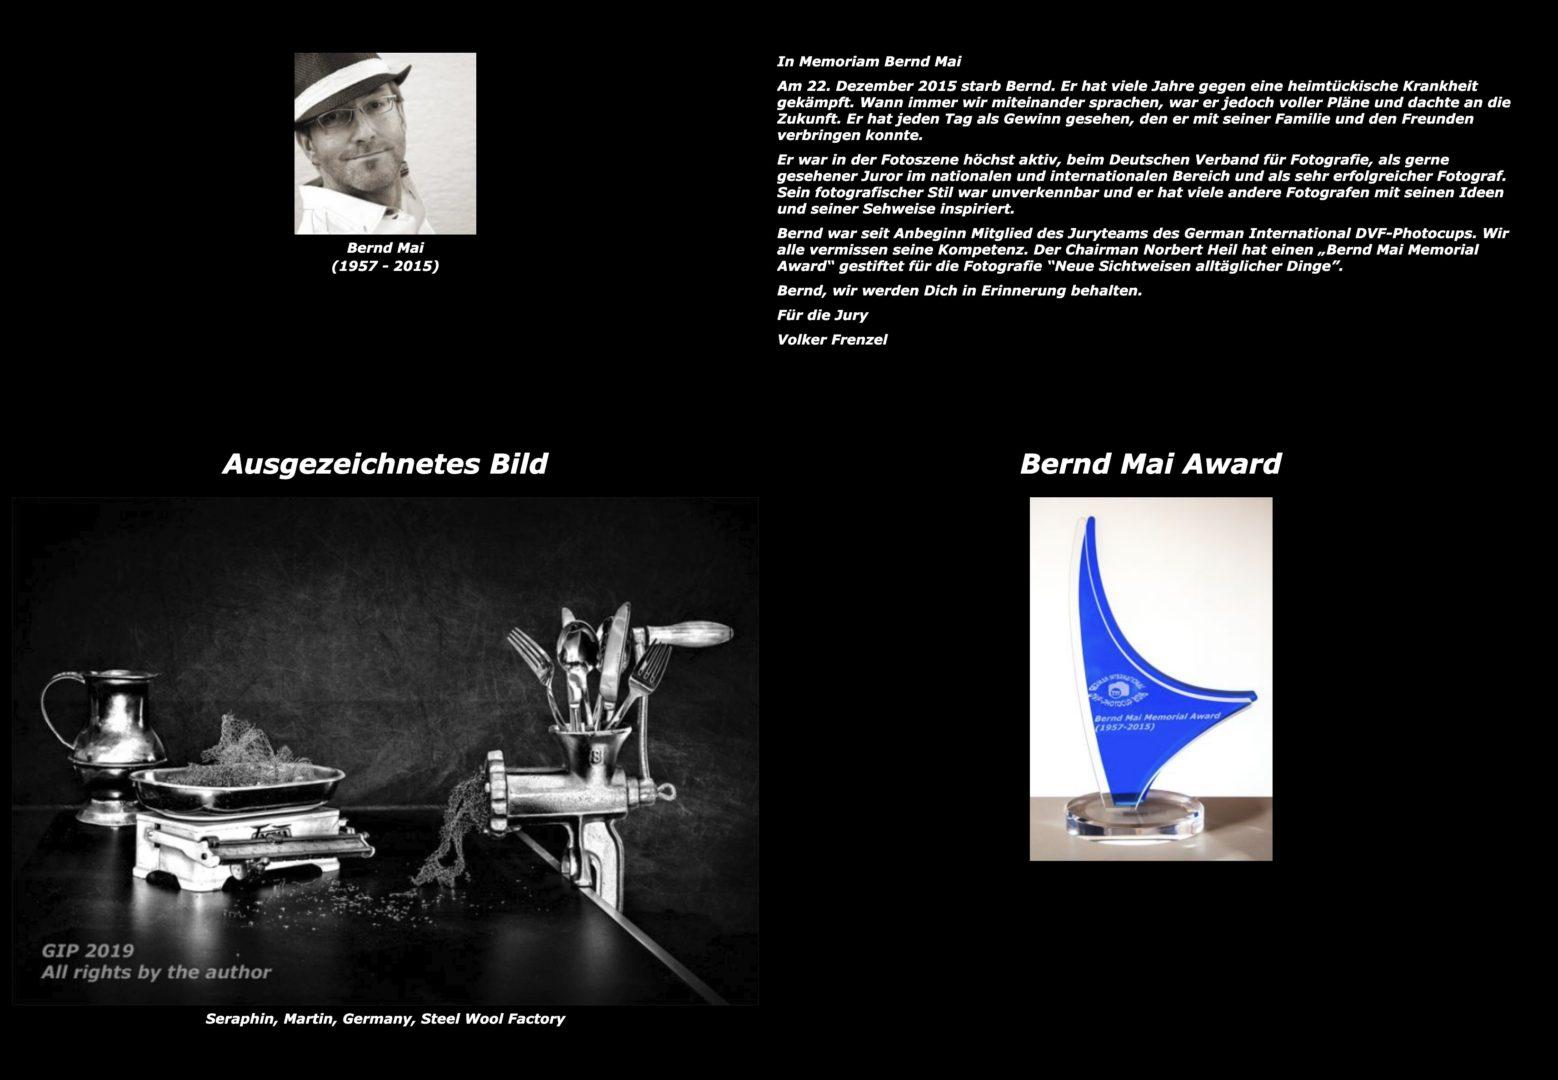 Bernd Mai Award - Martin Seraphin - DVF